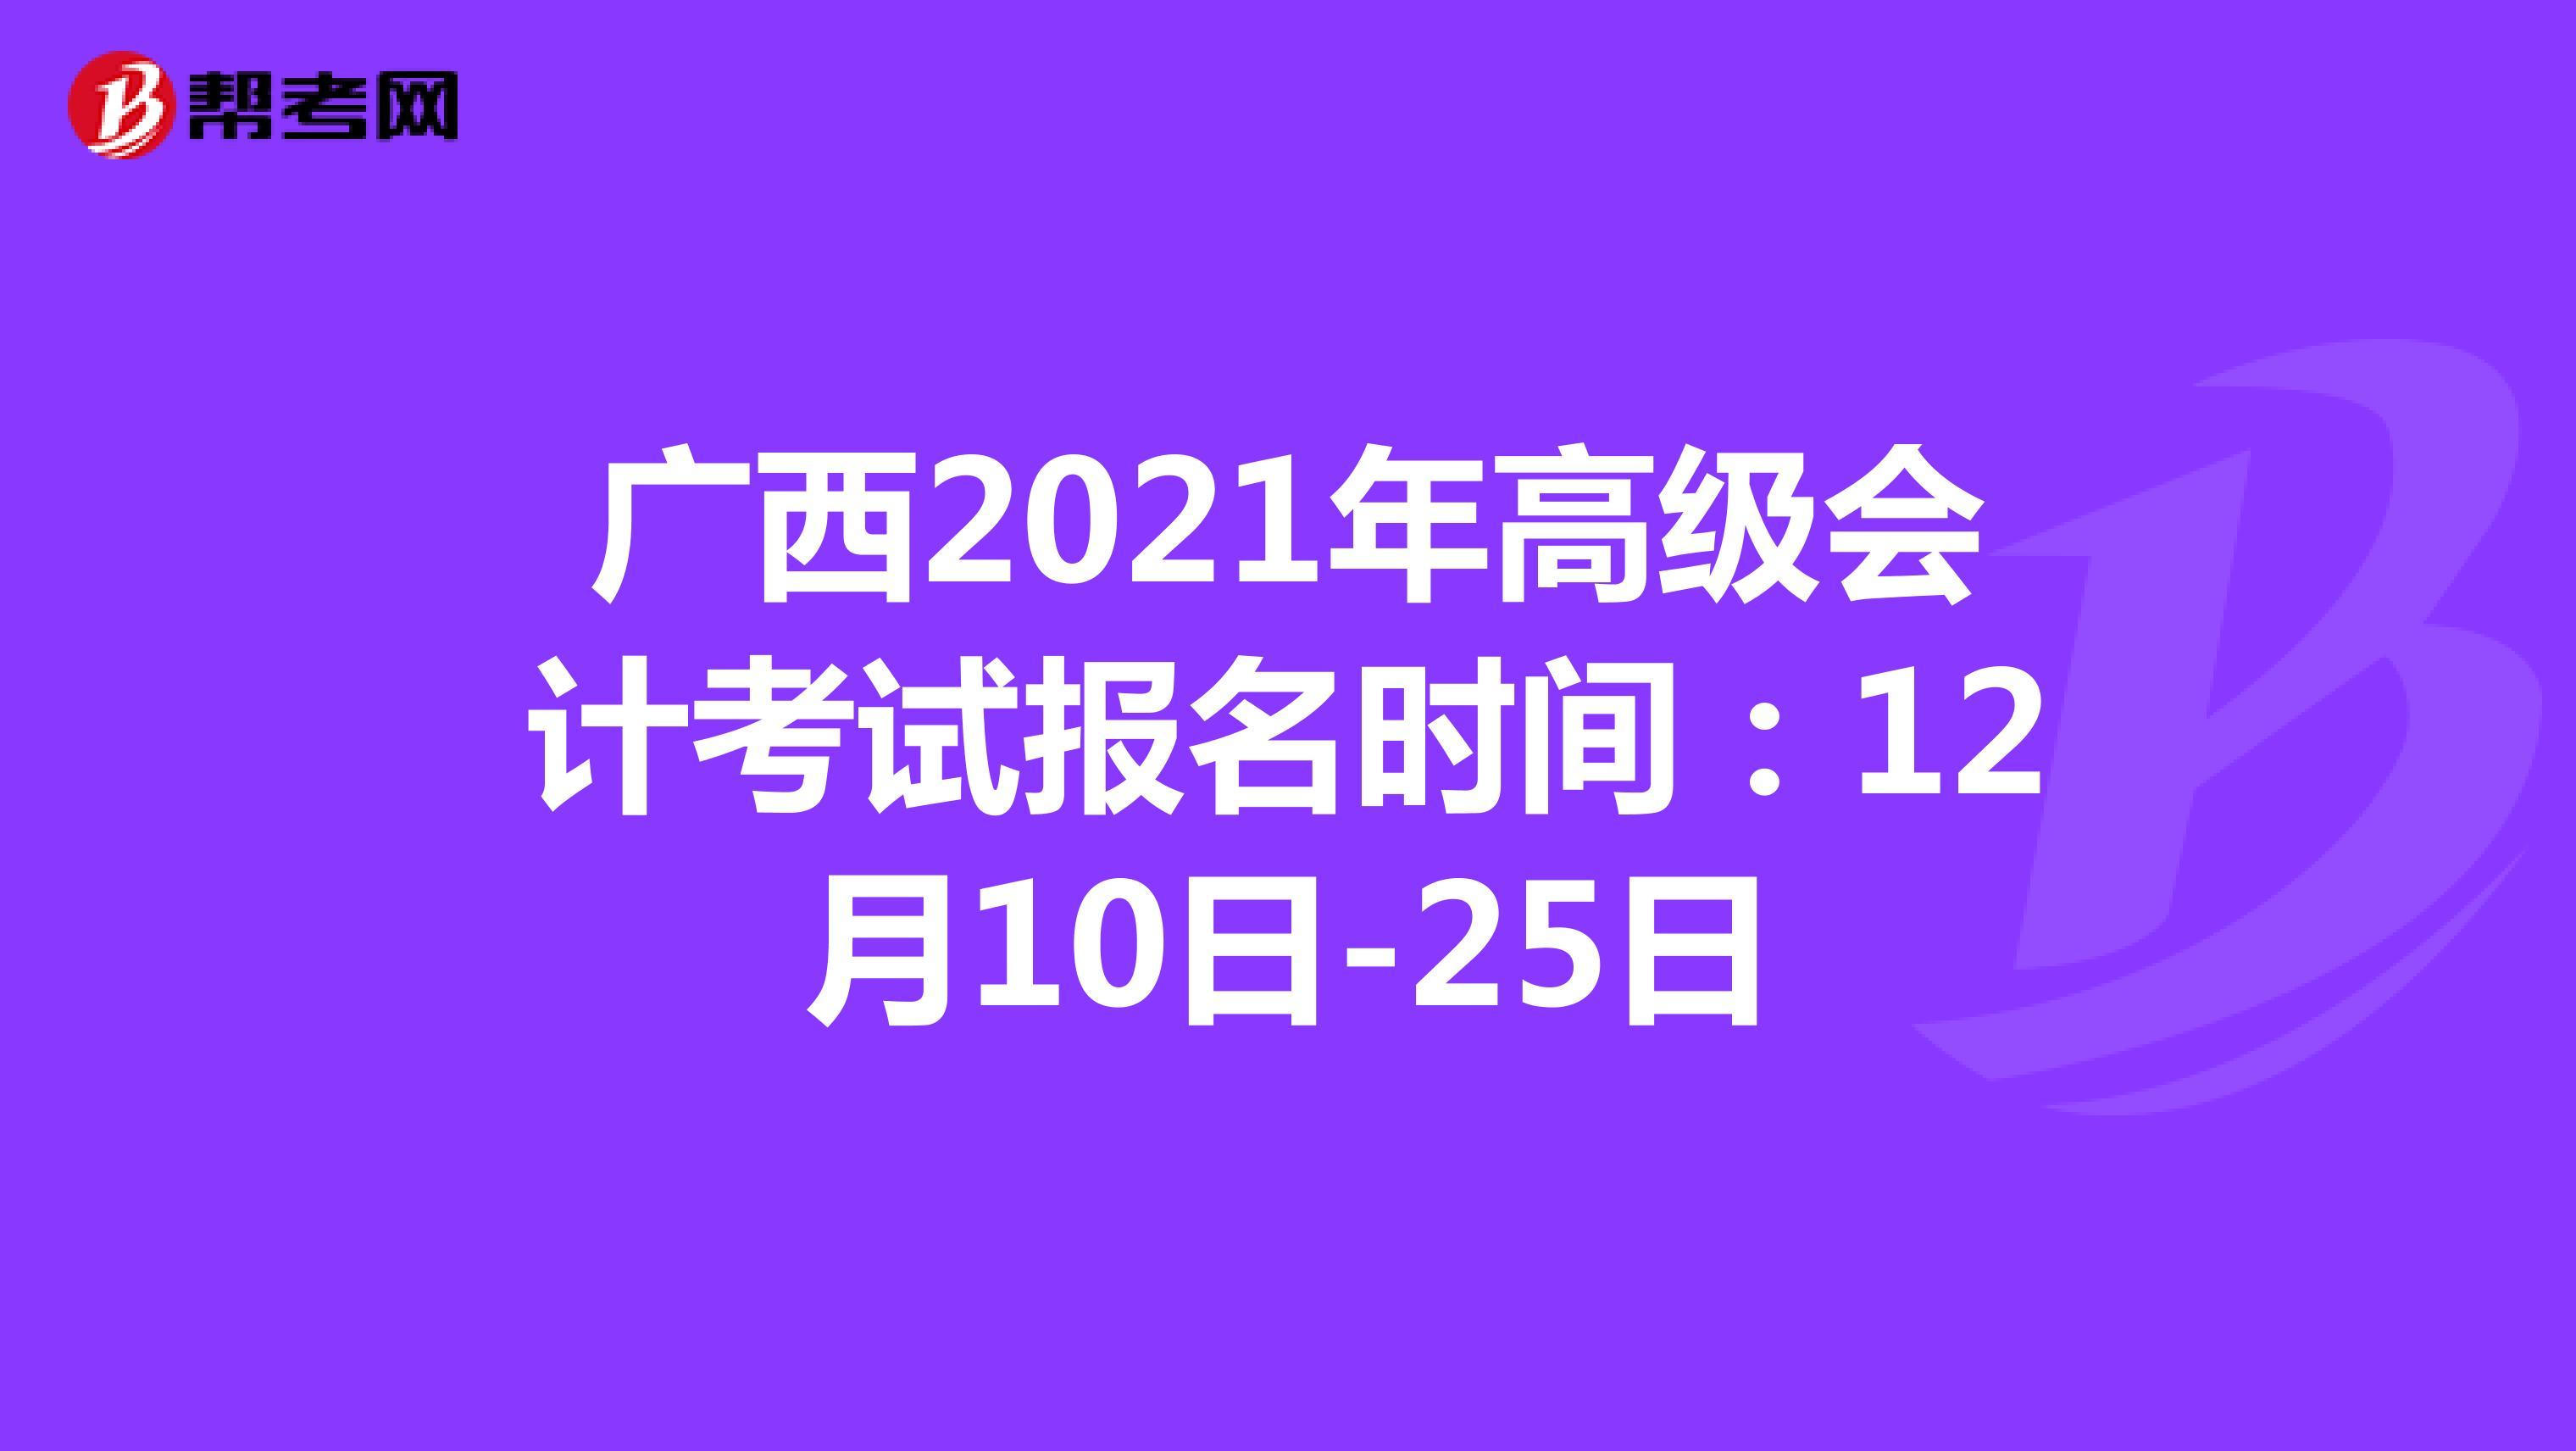 廣西2021年高級會計考試報名時間:12月10日-25日